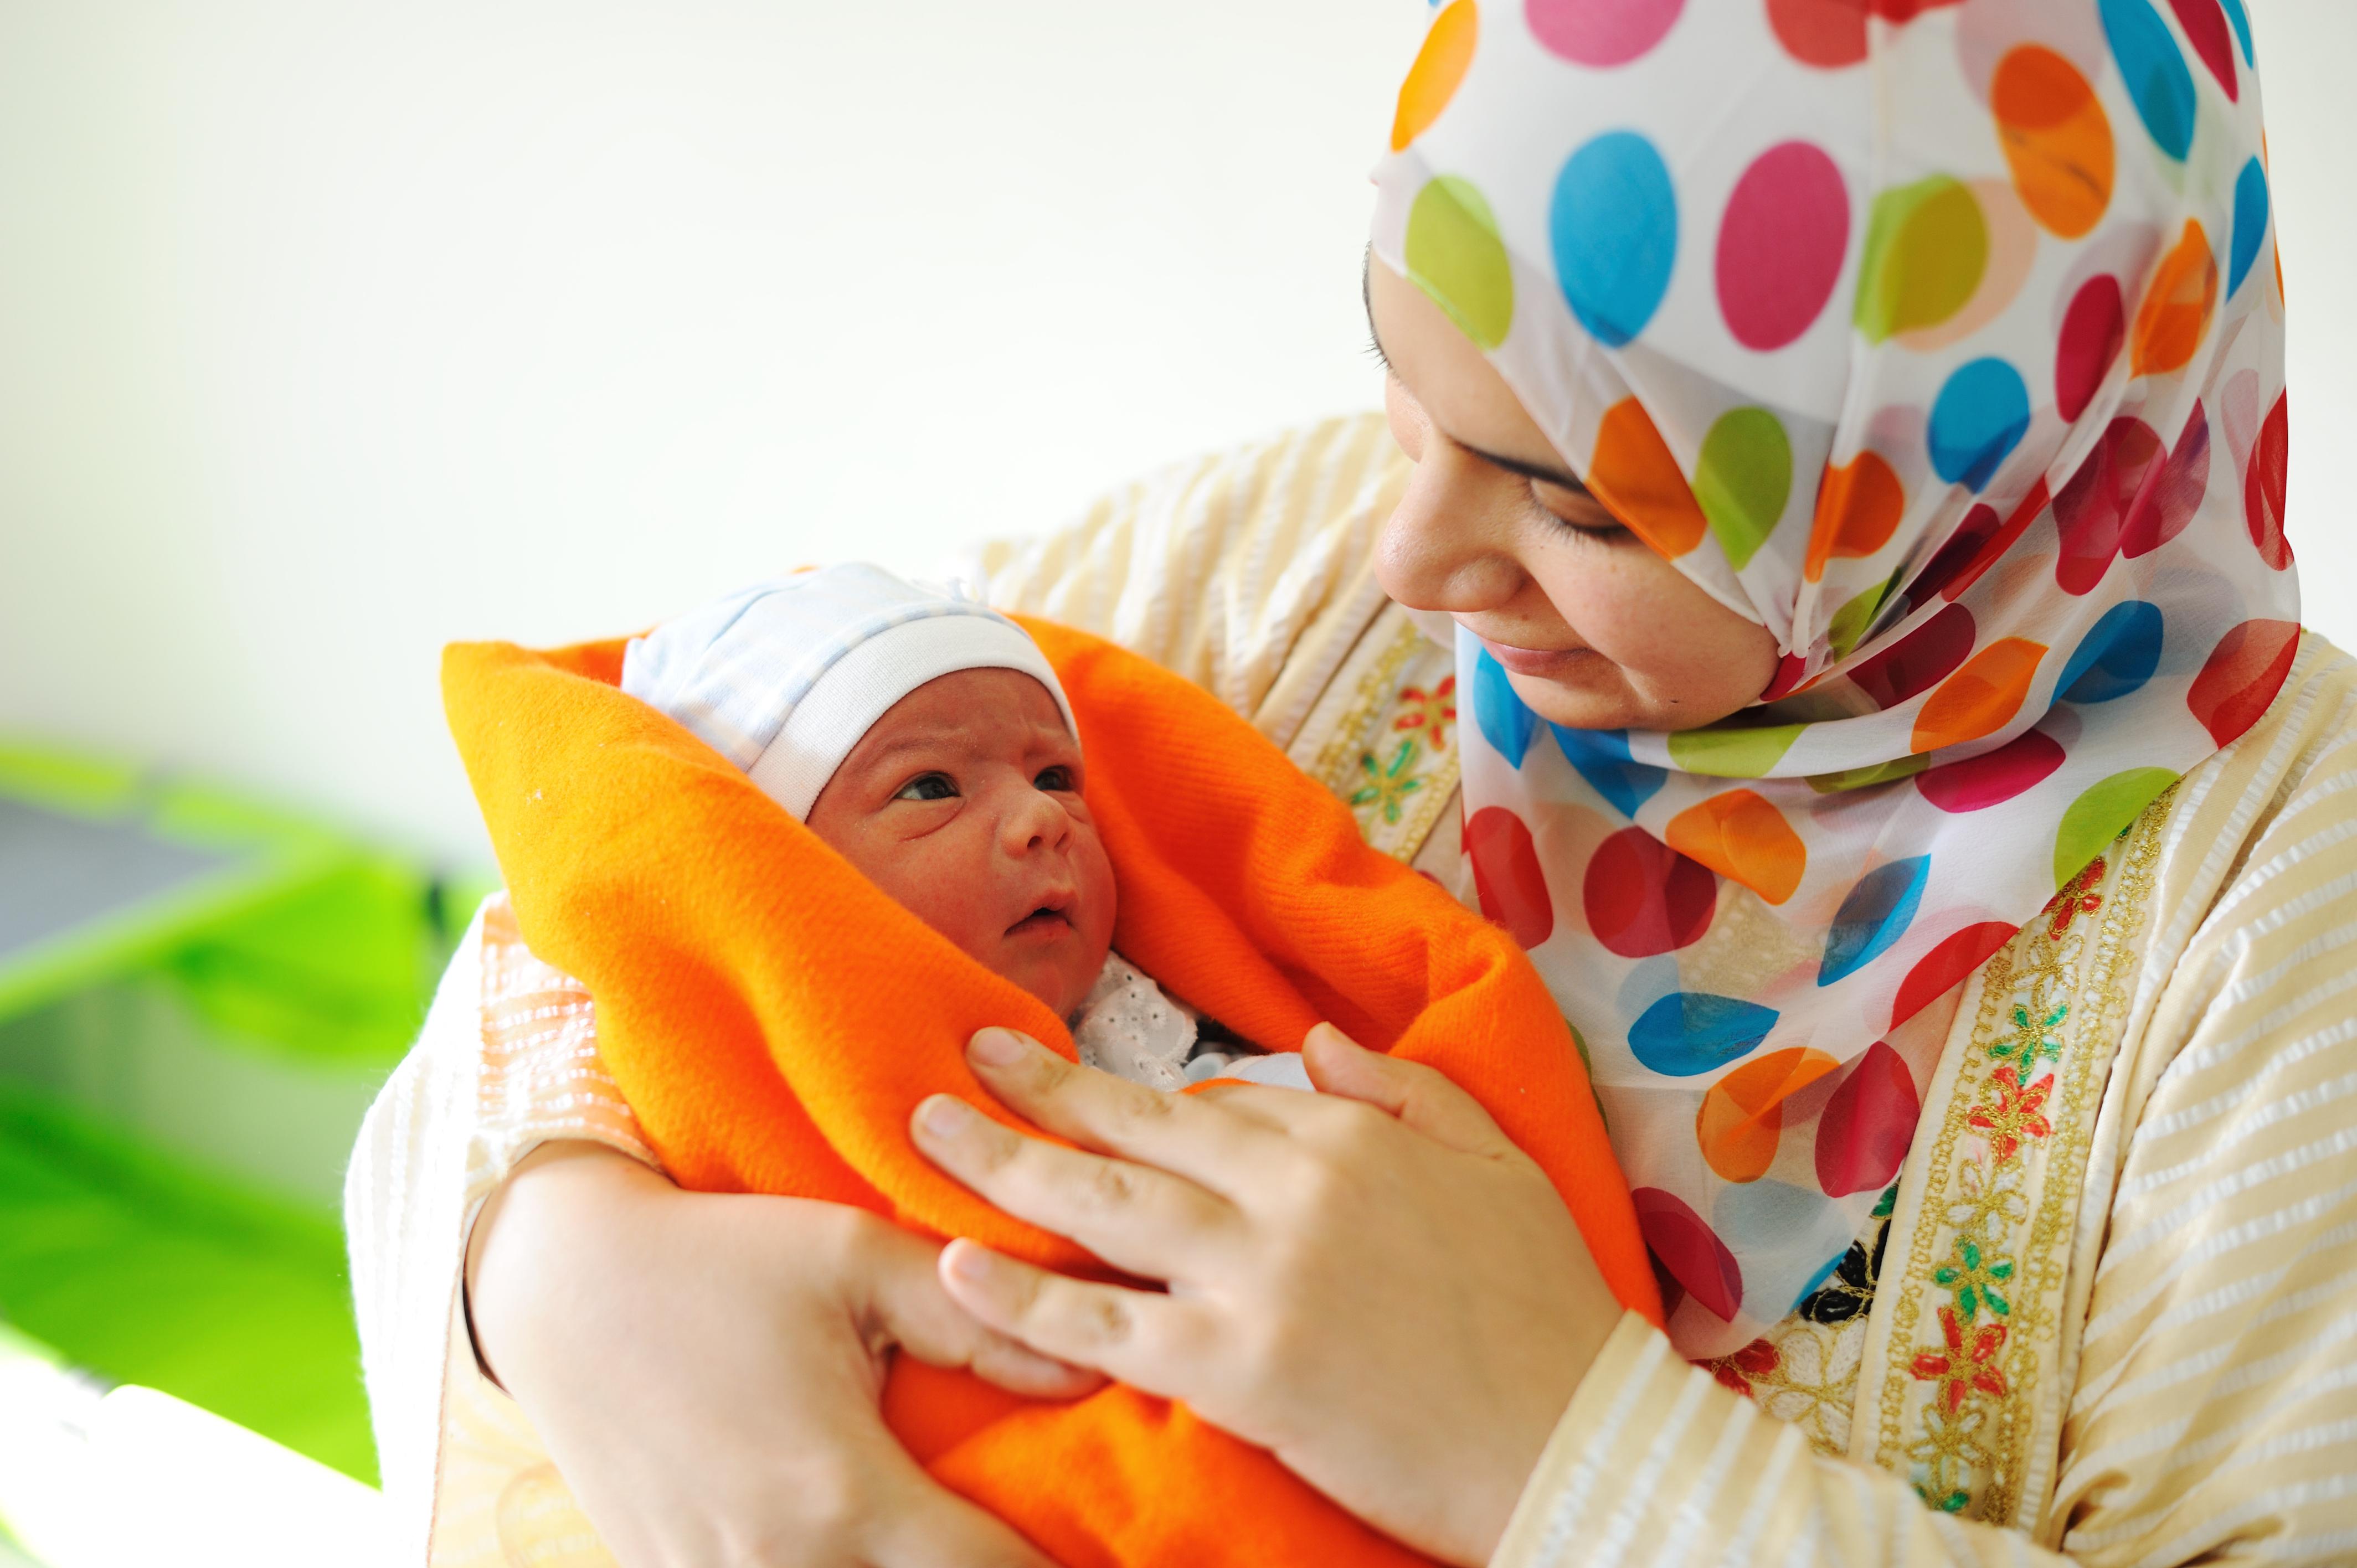 Var åttonde kvinna i Sverige drabbas av förlossningsdepression, trots det är ämnet lite tabubelagt.